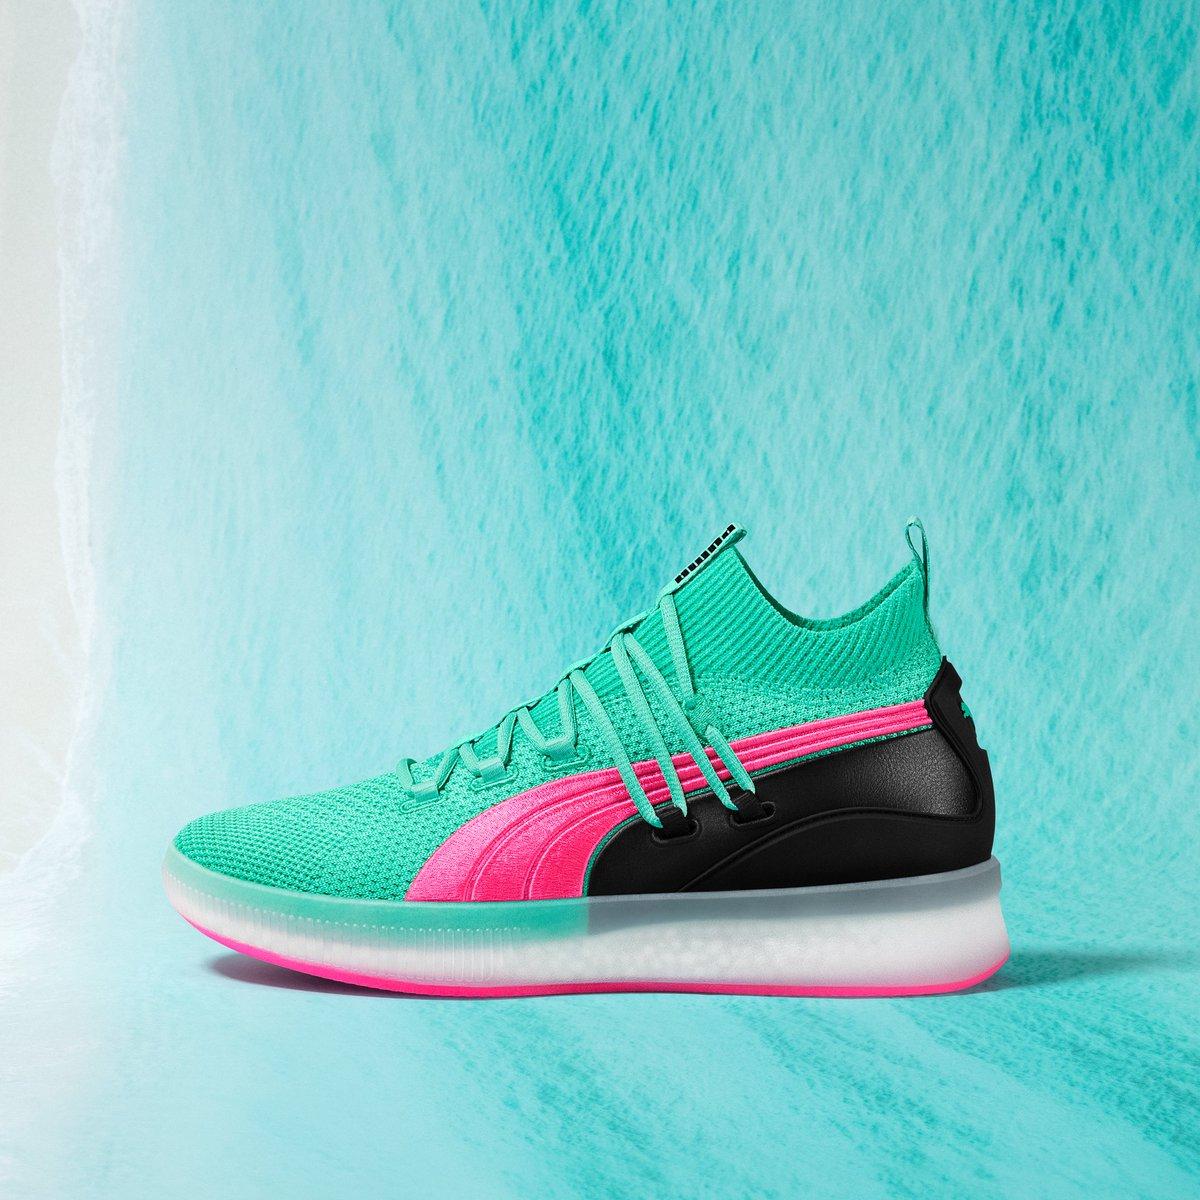 fbc3ead11a3a GB S Sneaker Shop on Twitter